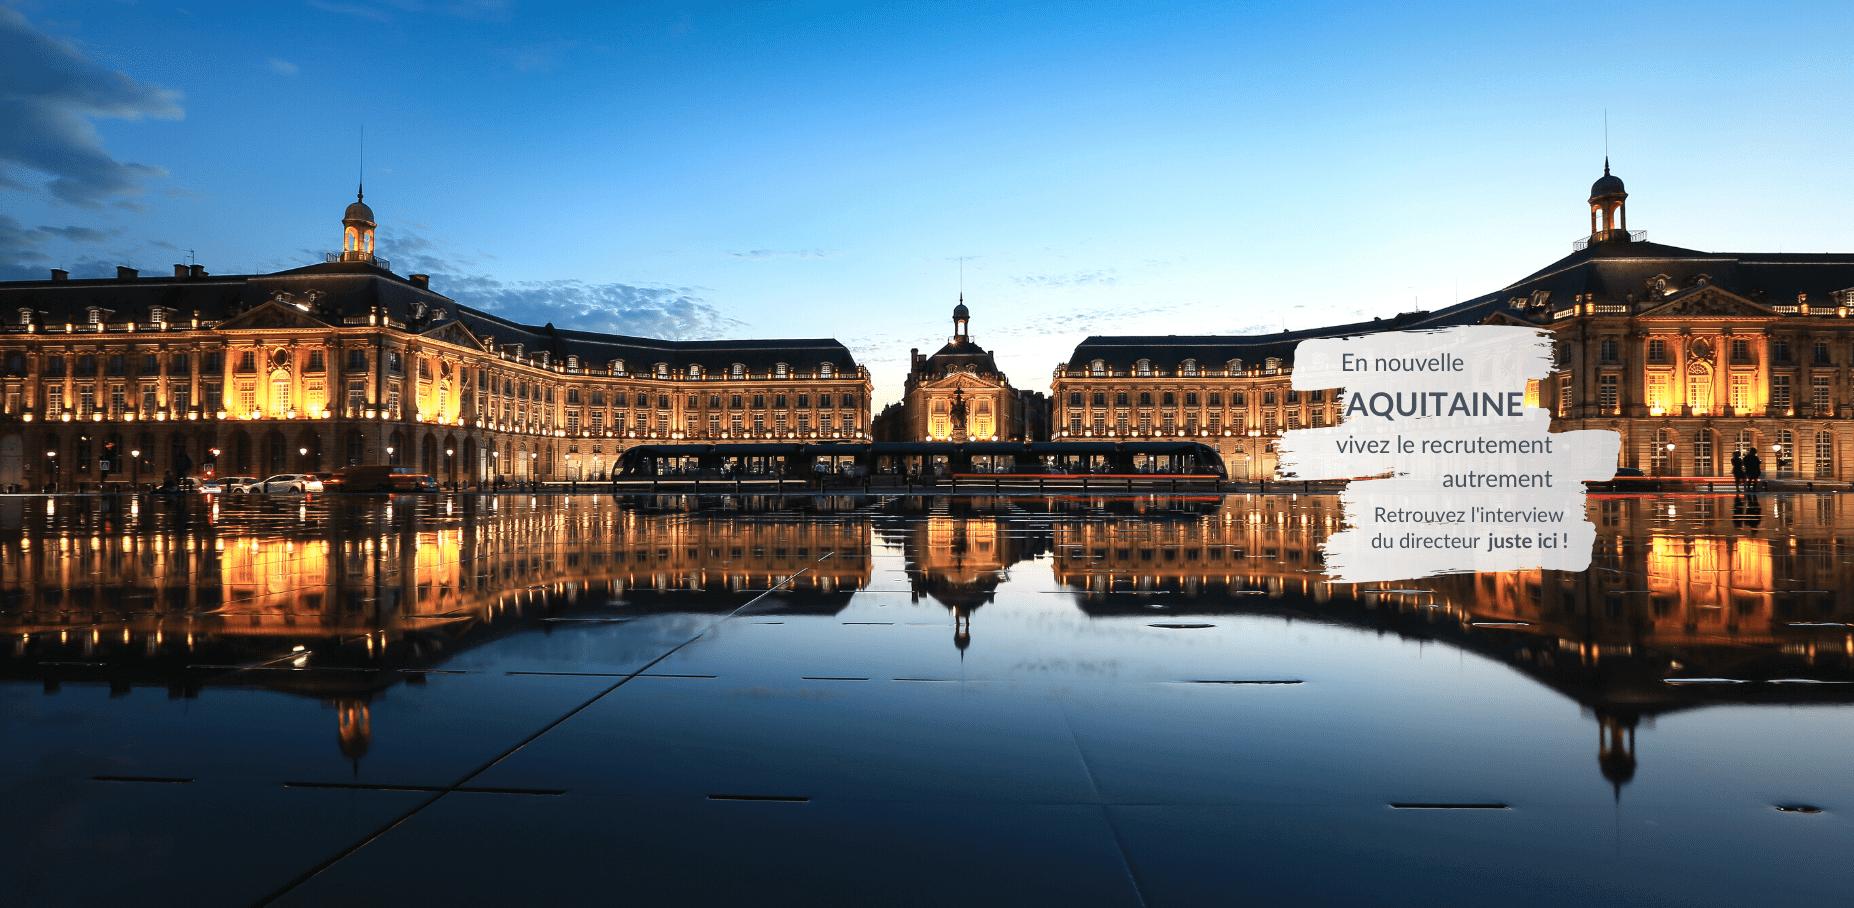 Le cabinet de recrutement à Bordeaux est ouvert